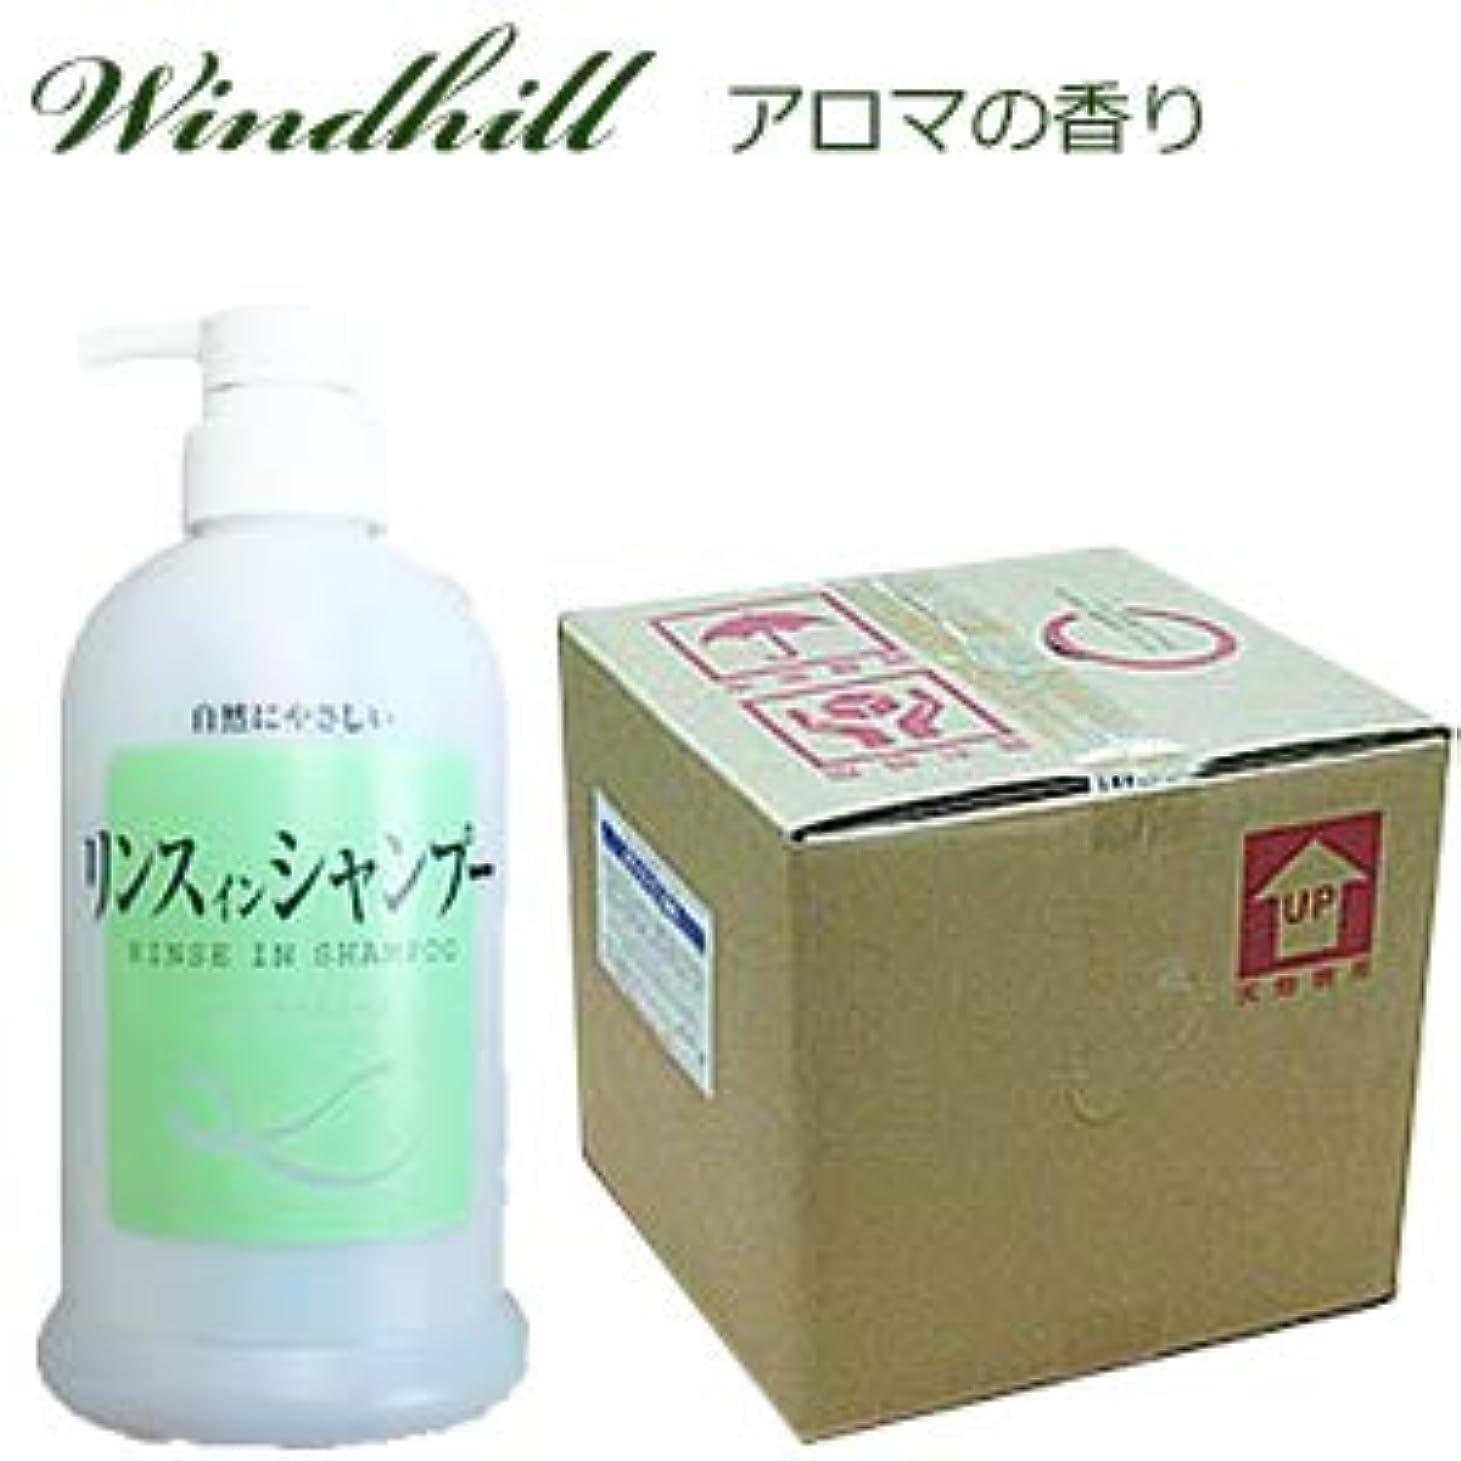 成長チケット楽しいなんと! 500ml当り188円 Windhill 植物性業務用 リンスインシャンプー 紅茶を思うアロマの香り 20L